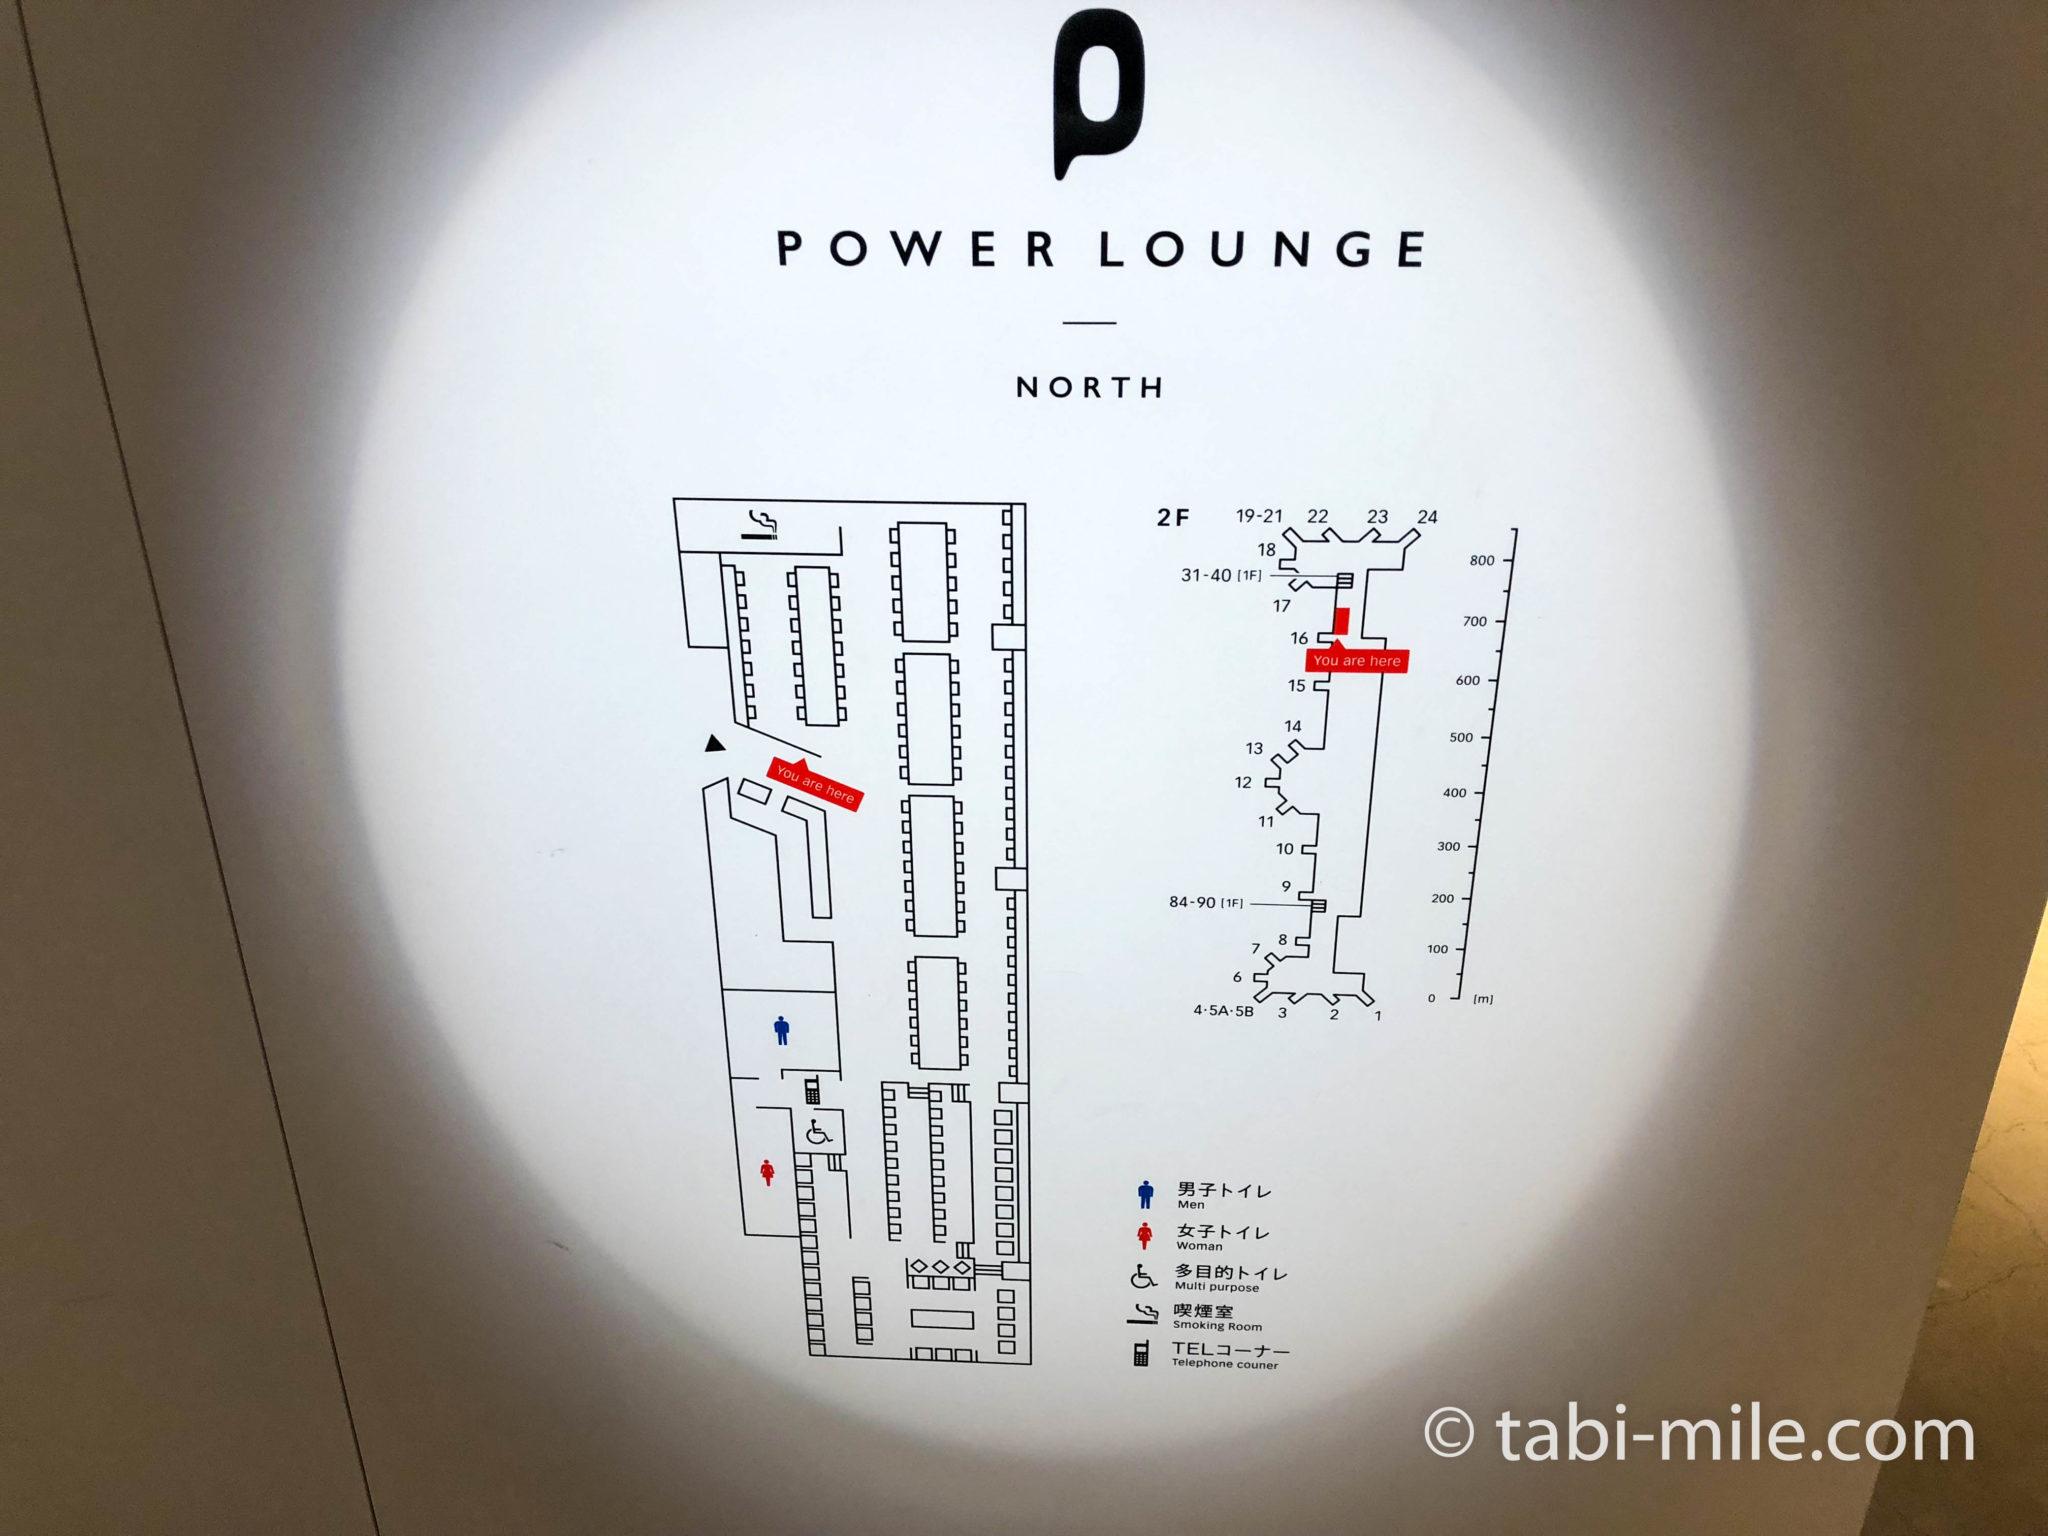 羽田空港第1 POWER LOUNGE NORTH(パワーラウンジノース)